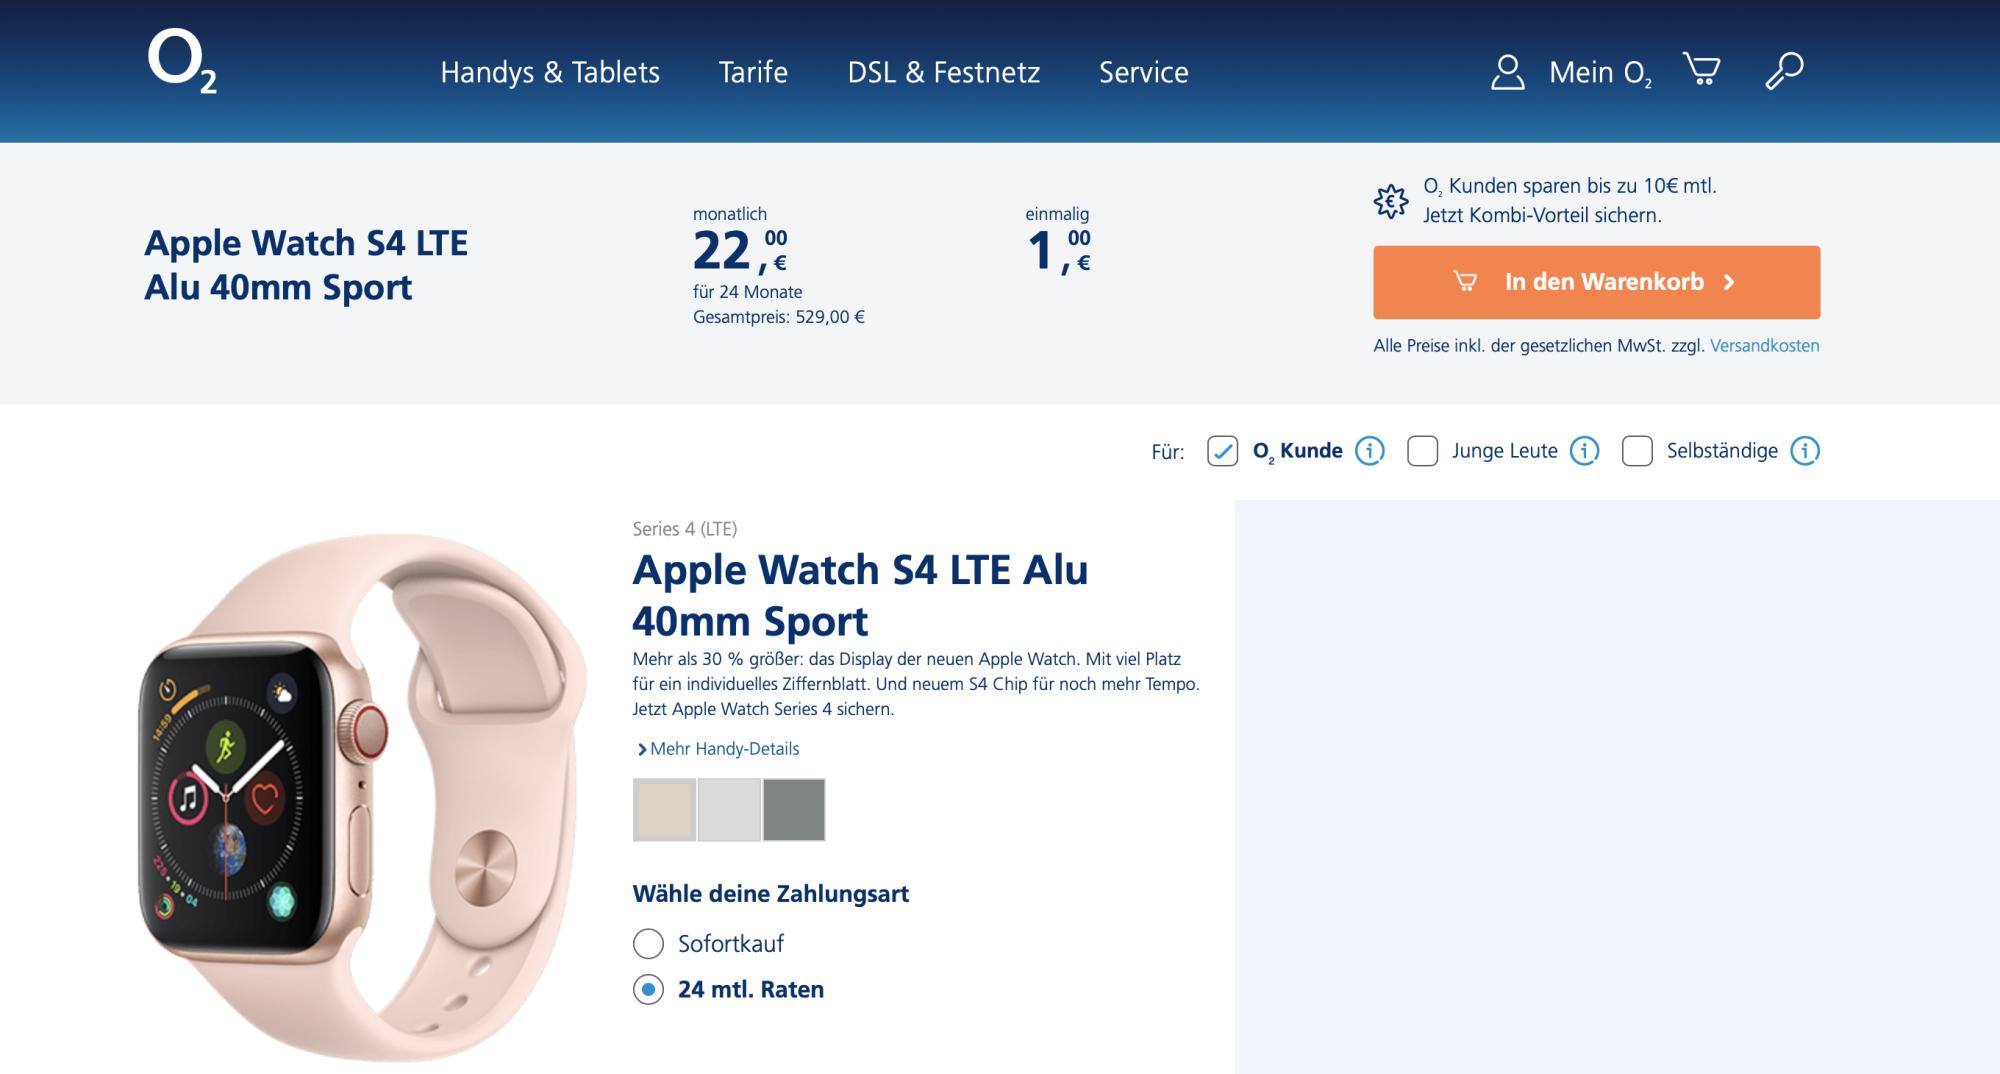 Apple Watch Lte Darf Ins O2 Netz Heise Online